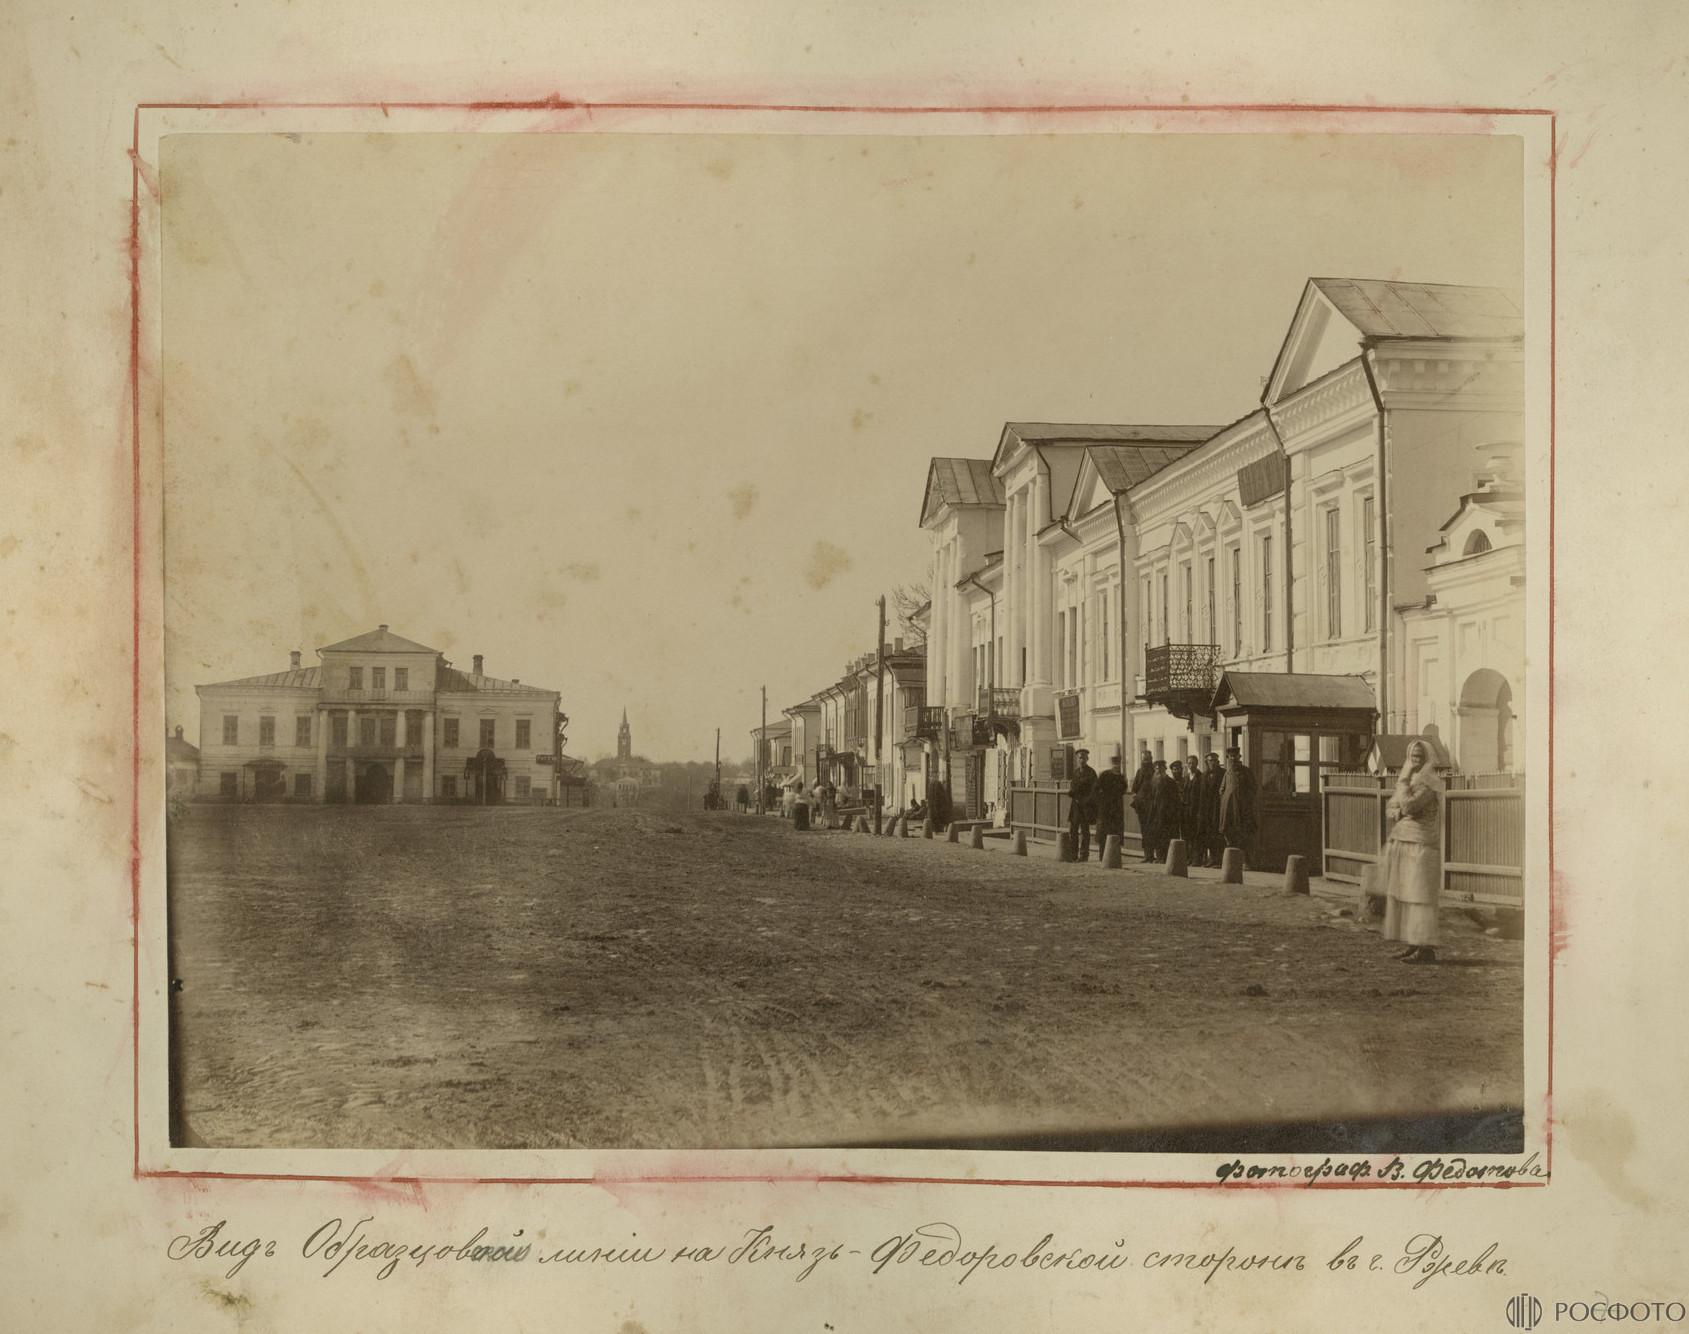 Князь-Федоровская сторона. Вид улицы с каменными 2-этажными домами.jpg